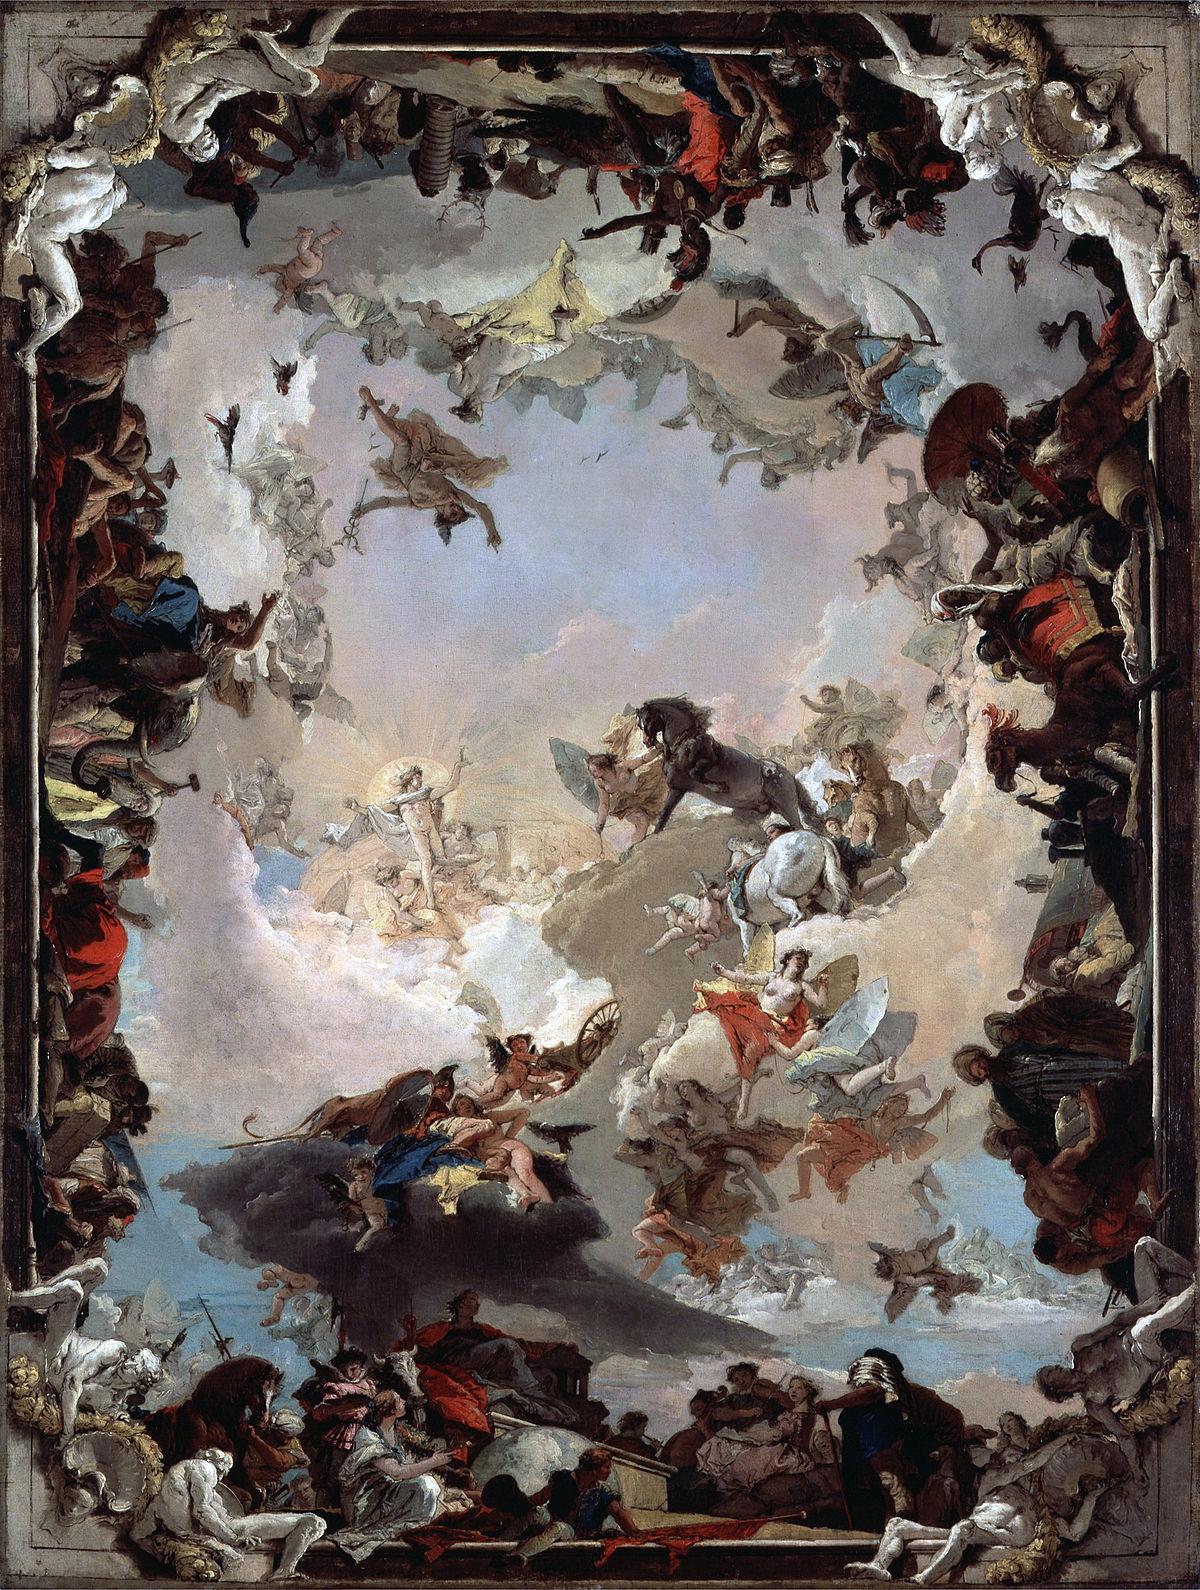 Les Techniques Peinture Decors Marbre Jaune De Sienne